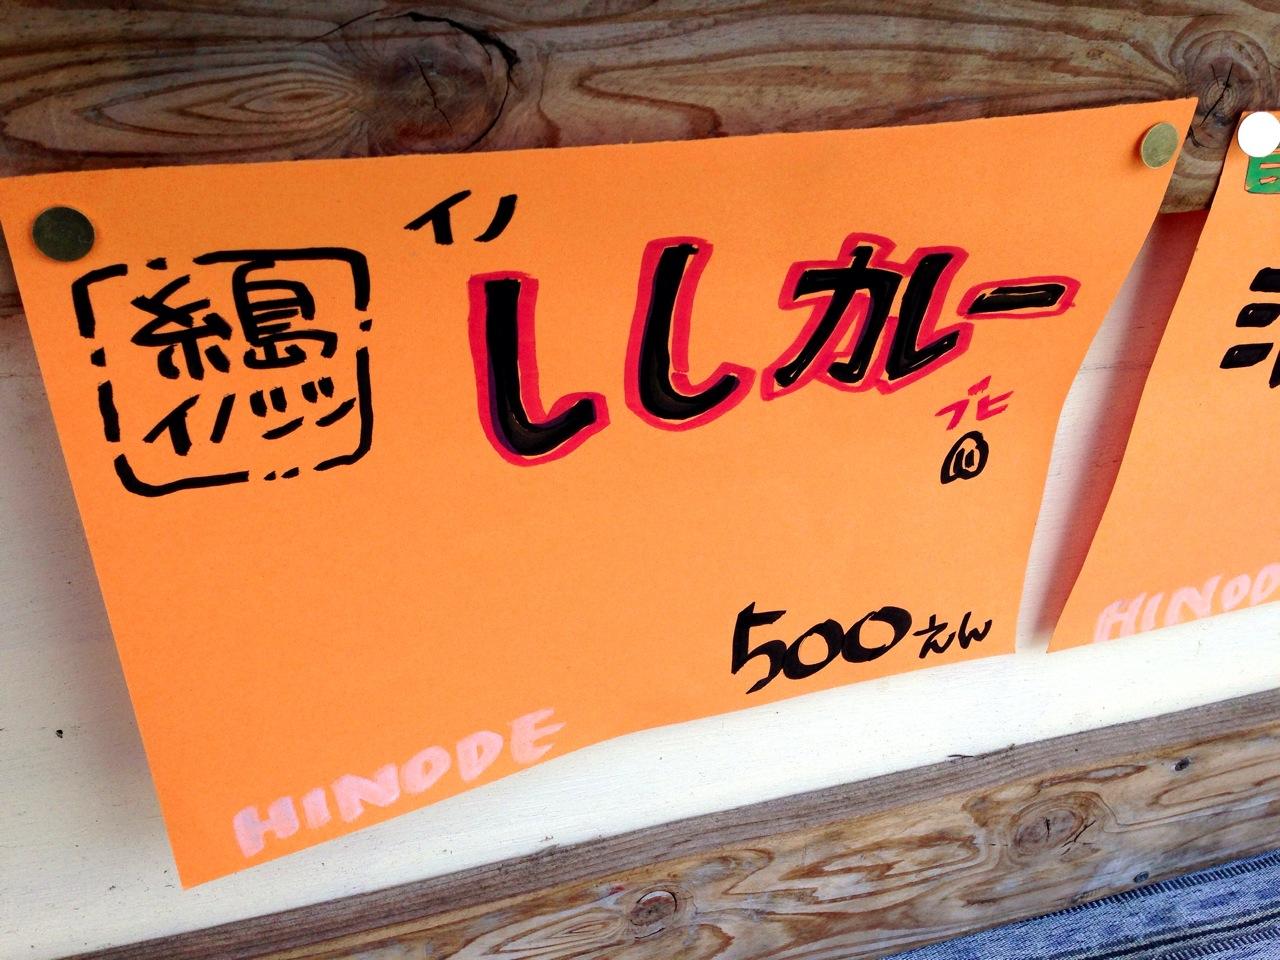 【糸島】日本一の梅酒「しらうめの庭」も飲めた蔵開きイベントで珍品『イノシシカレー』を食べて満たされた「白糸酒造 ハネ木まつり」